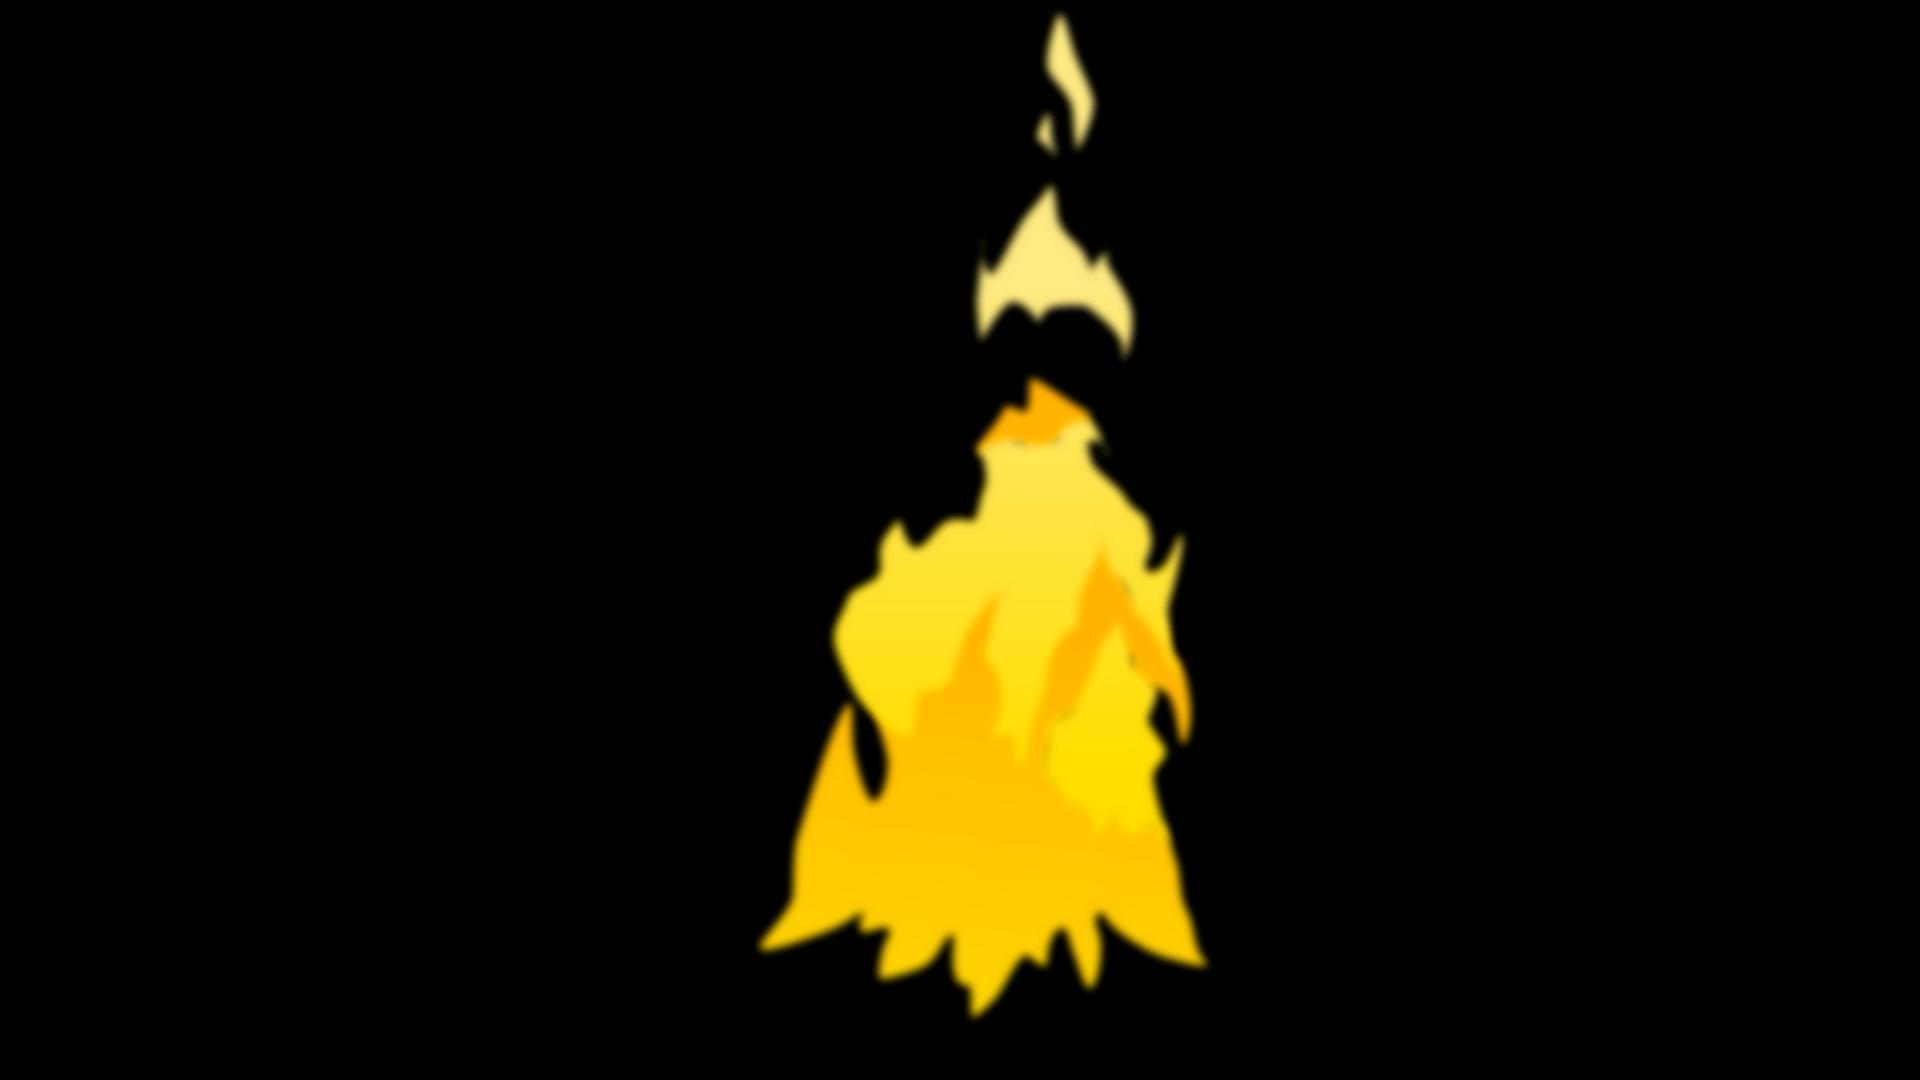 卡通风格的动画循环篝火